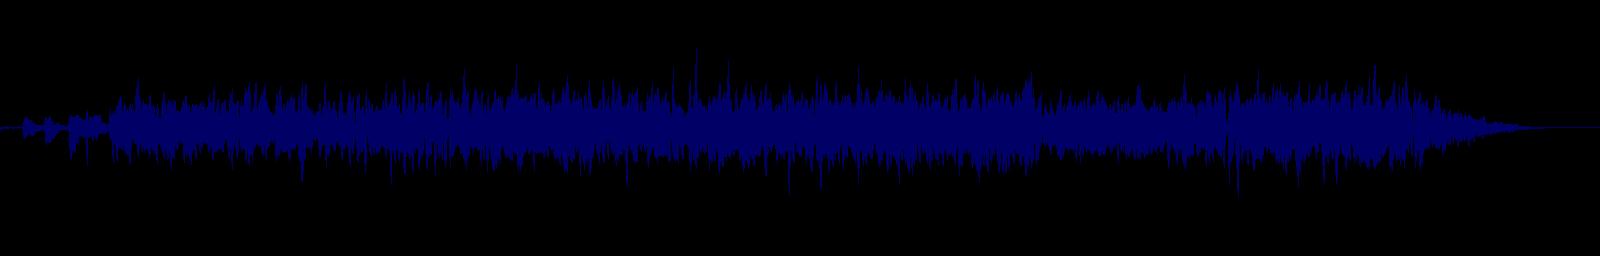 waveform of track #145025